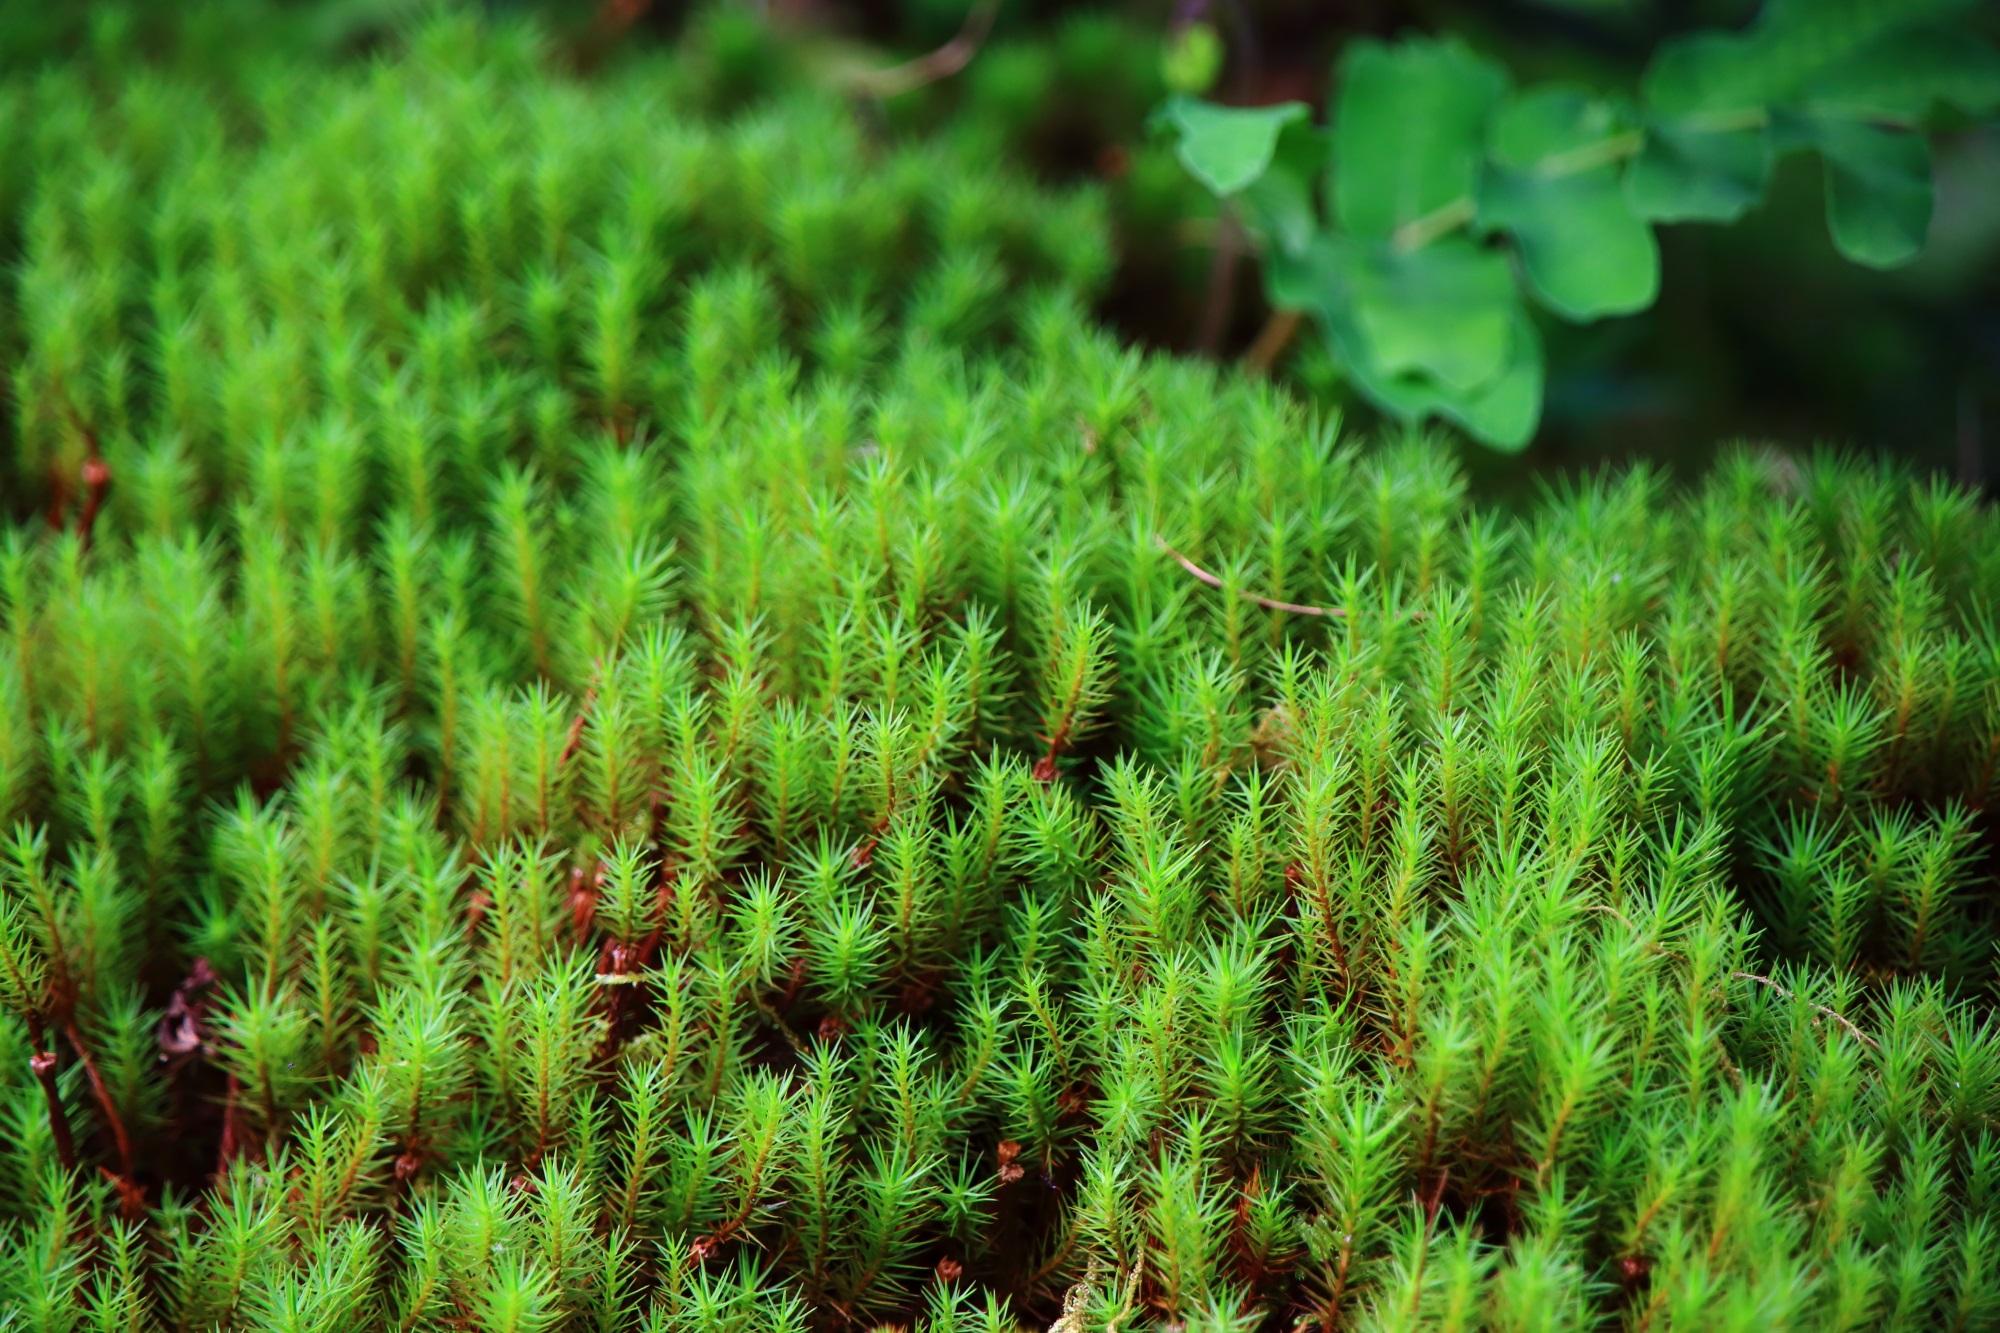 南禅寺大寧軒の美しい緑の苔 2015年9月